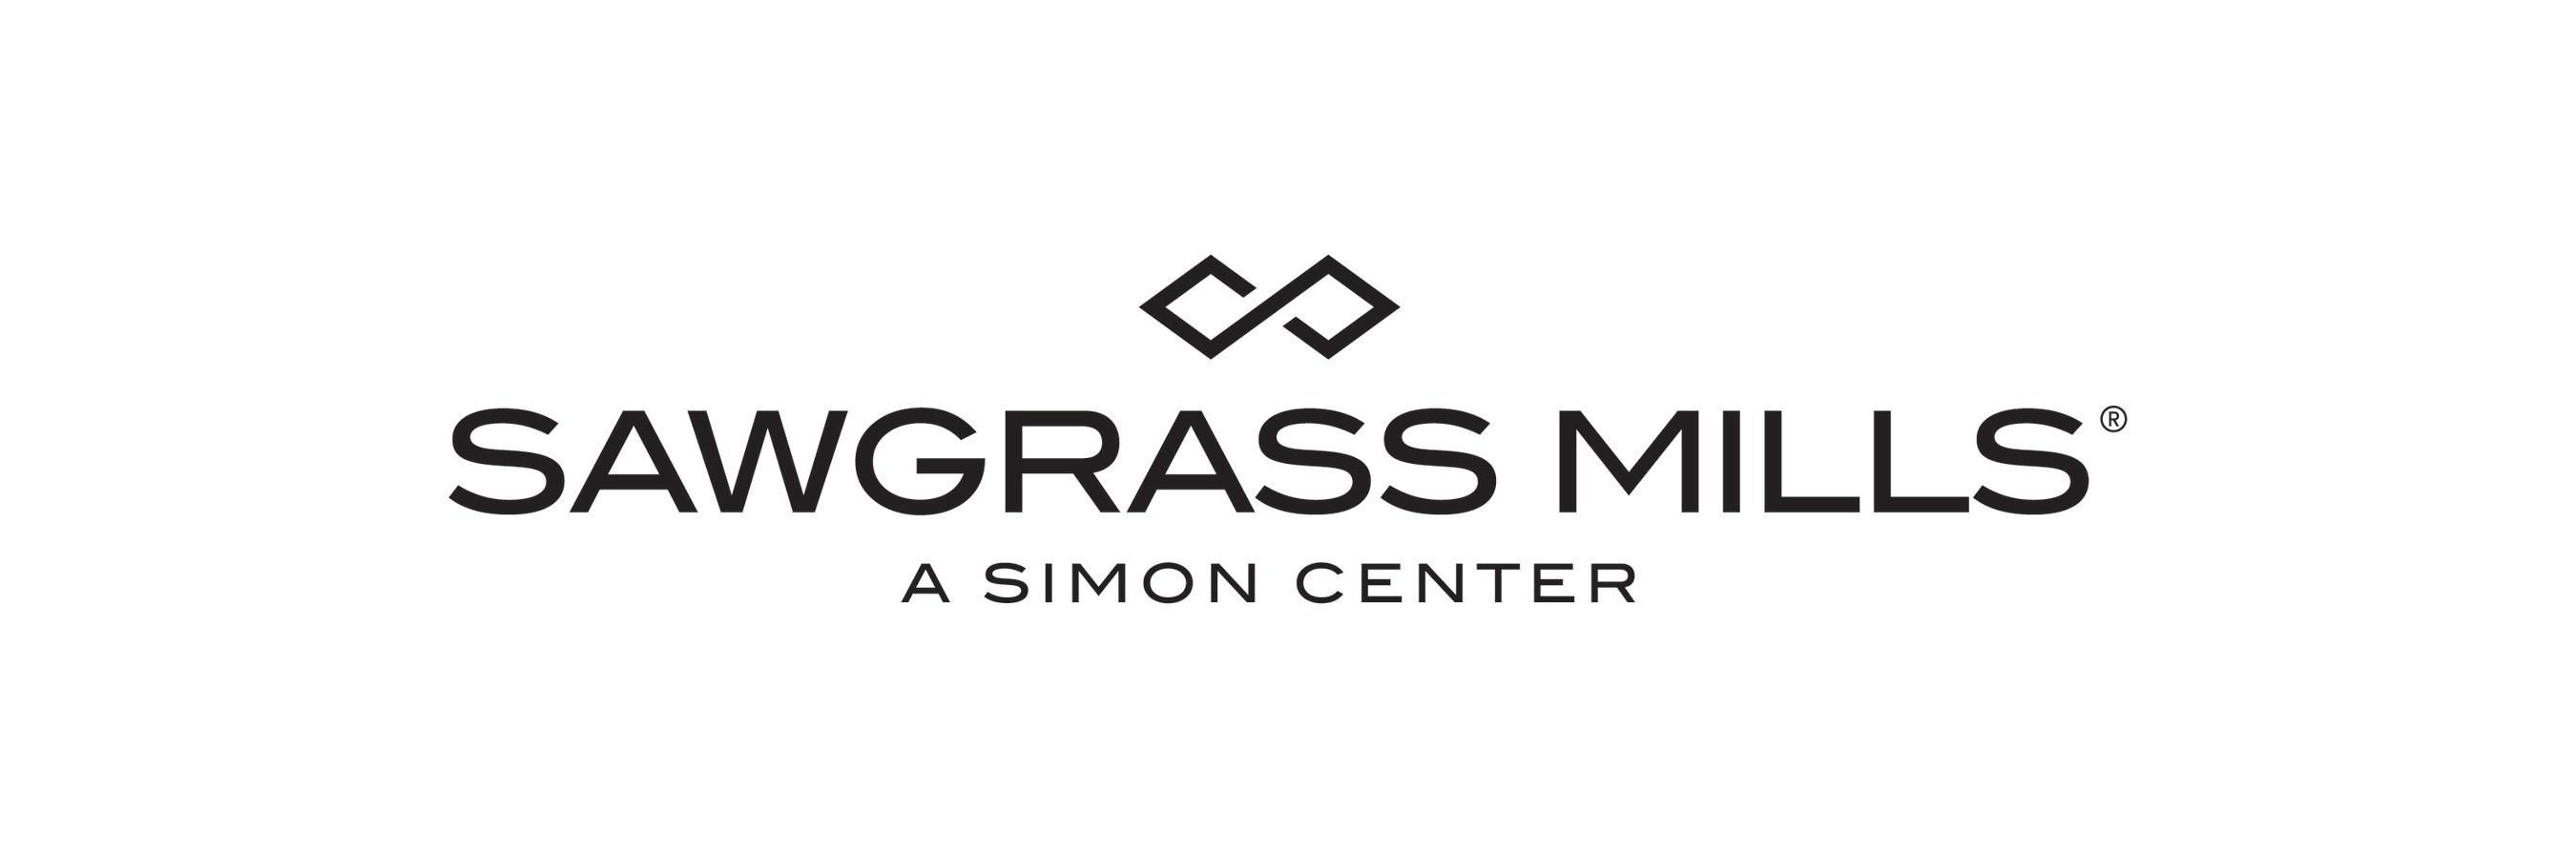 Los visitantes internacionales podrán aprovechar los ahorros ofrecidos una vez al año en Sawgrass